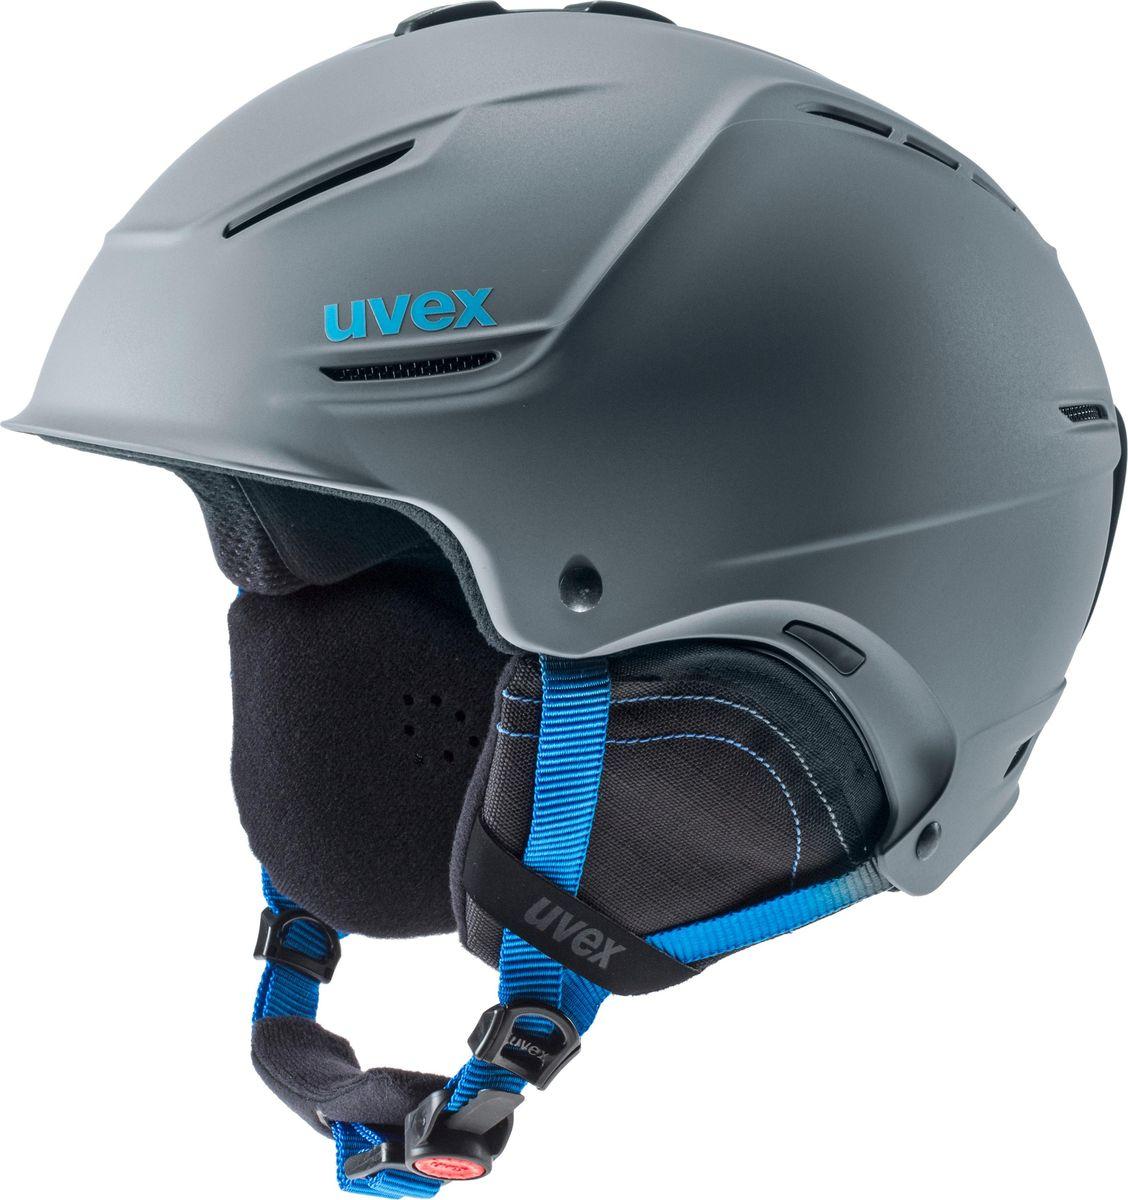 Шлем горнолыжный Uvex P1us 2.0 Helmet, цвет: серый, синий матовый. Размер 52/556211Удобный шлем Uvex P1us 2.0 Helmet с конструкцией +technology обеспечит безопасность на склоне.В модели предусмотрена съемная защита ушей с технологией Natural Sound, которая не искажает звуки. Гипоаллергенная подкладка и регулируемая вентиляция гарантируют комфорт во время катания. Фиксатор стрэпа маски и застежка monomatiс, которую легко отрегулировать одной рукой, служат для удобства использования.